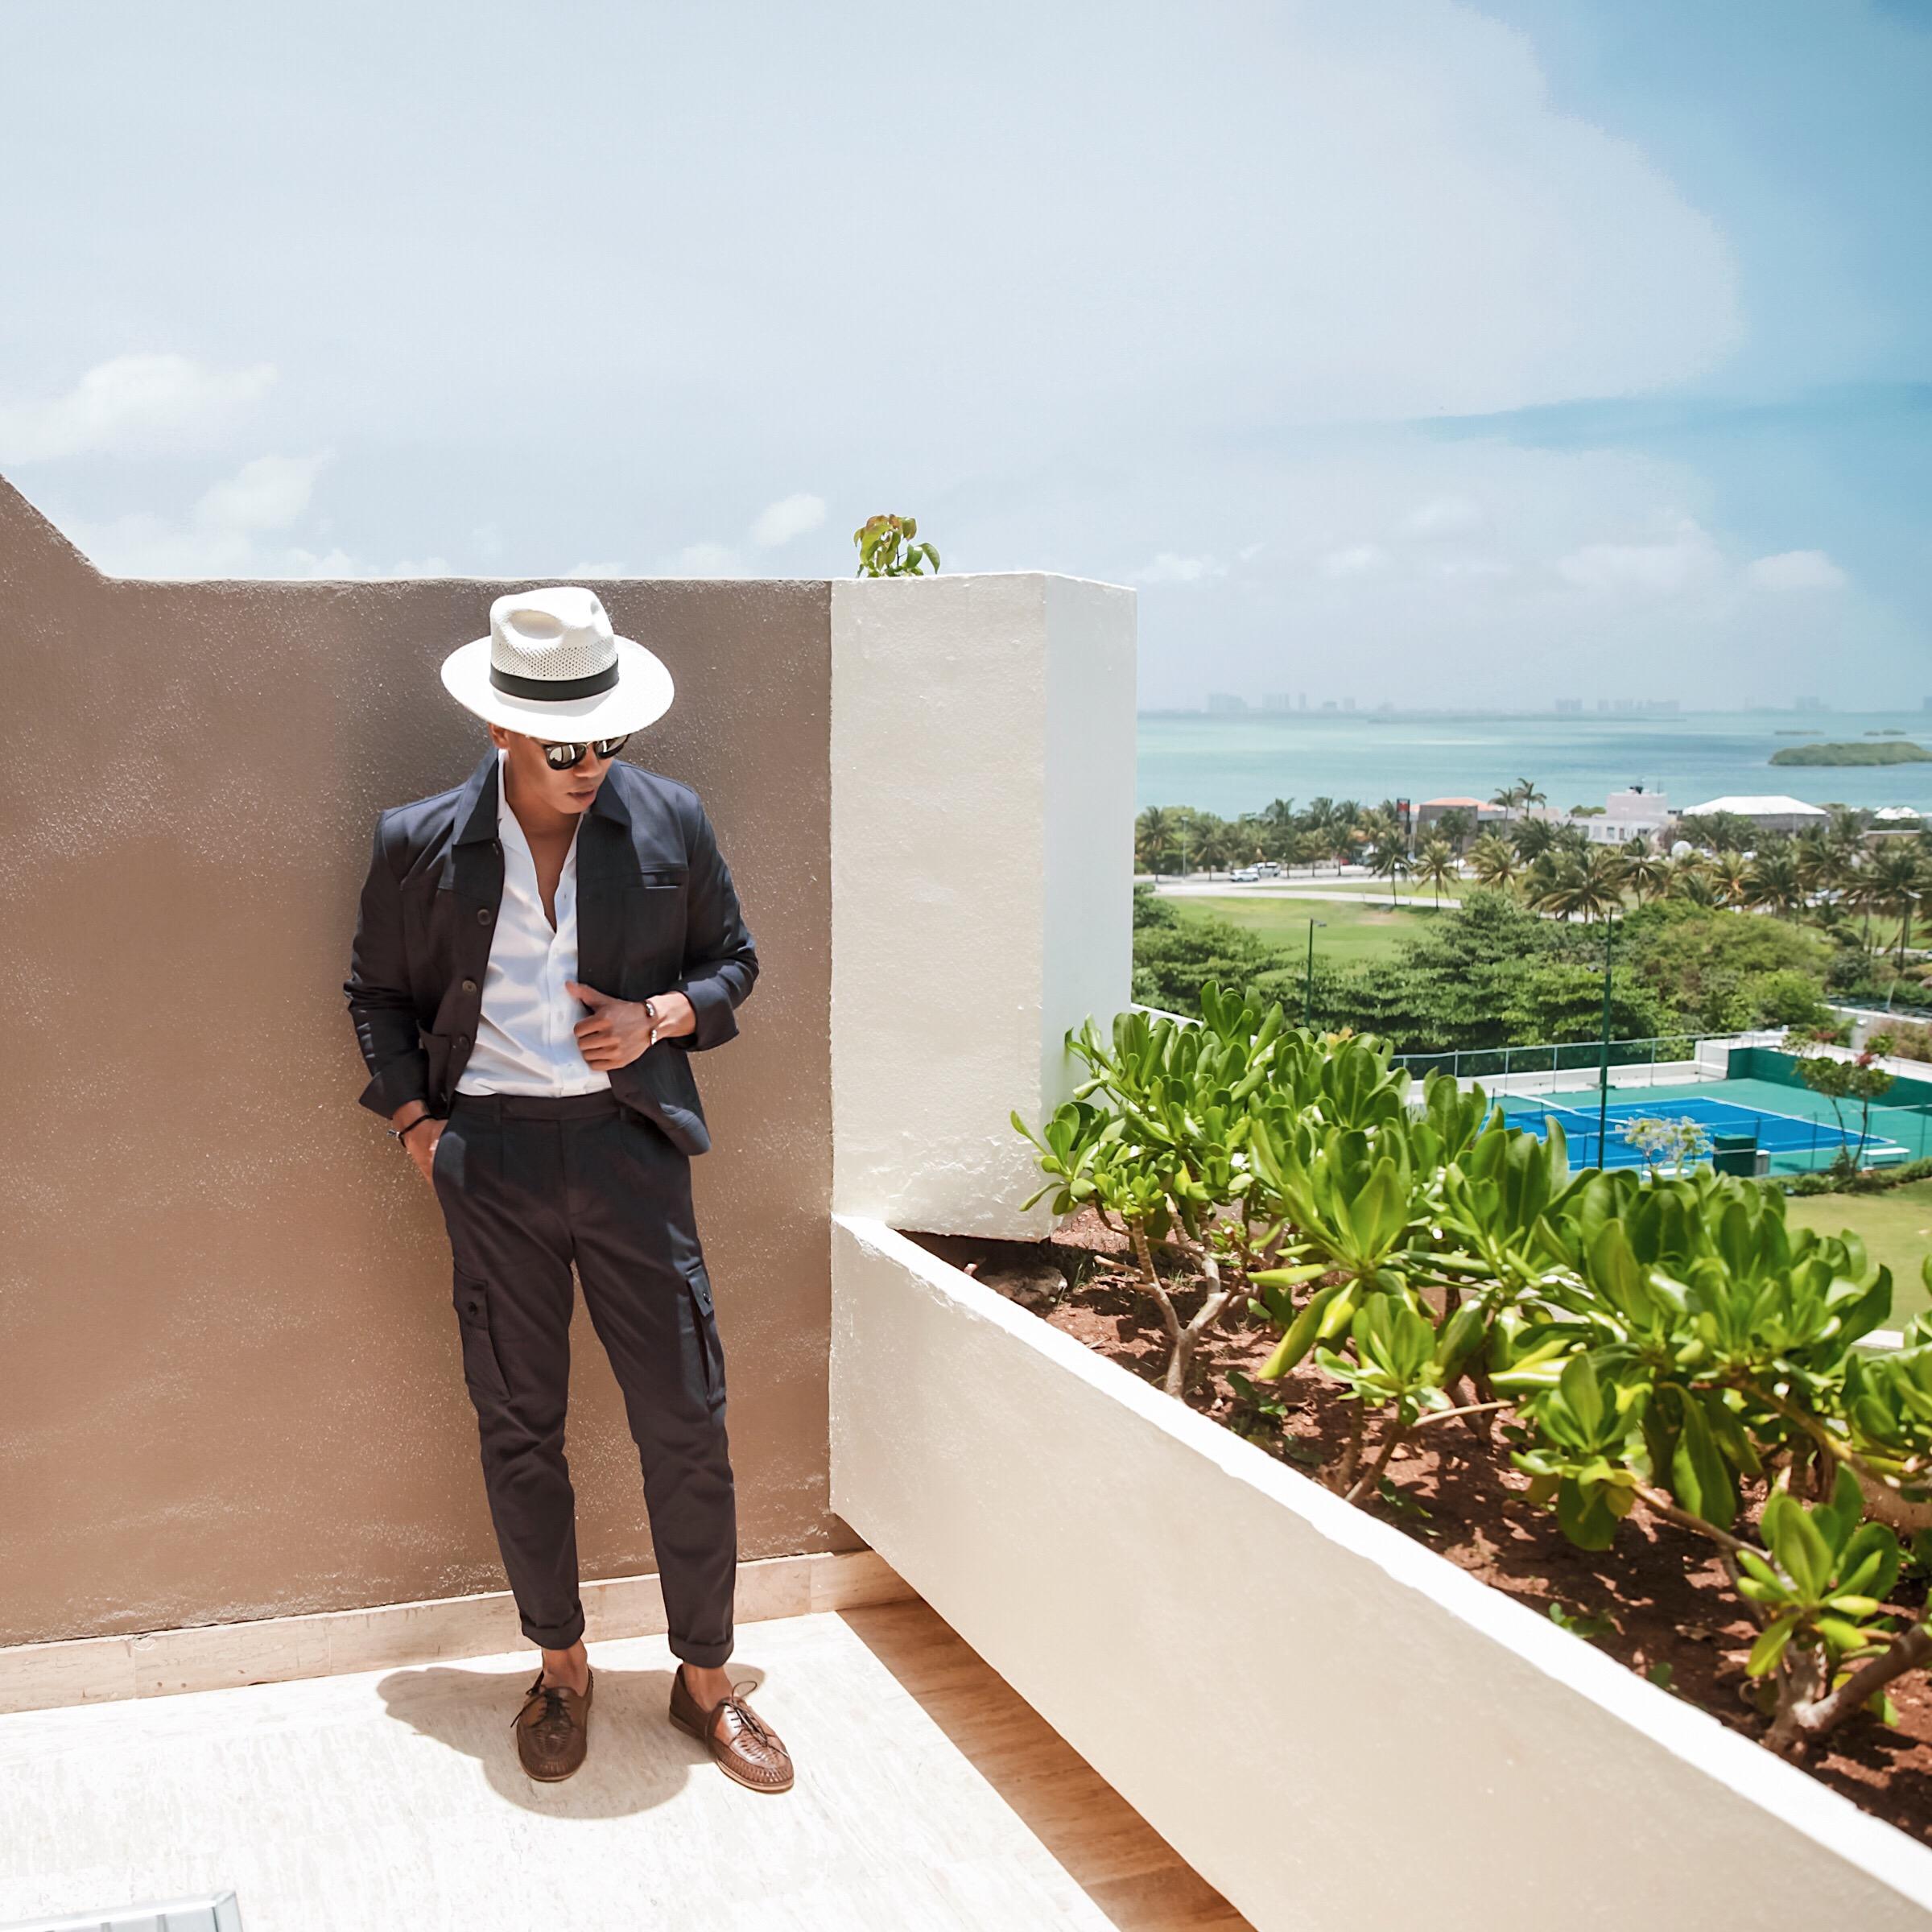 men's resort wear beach looks